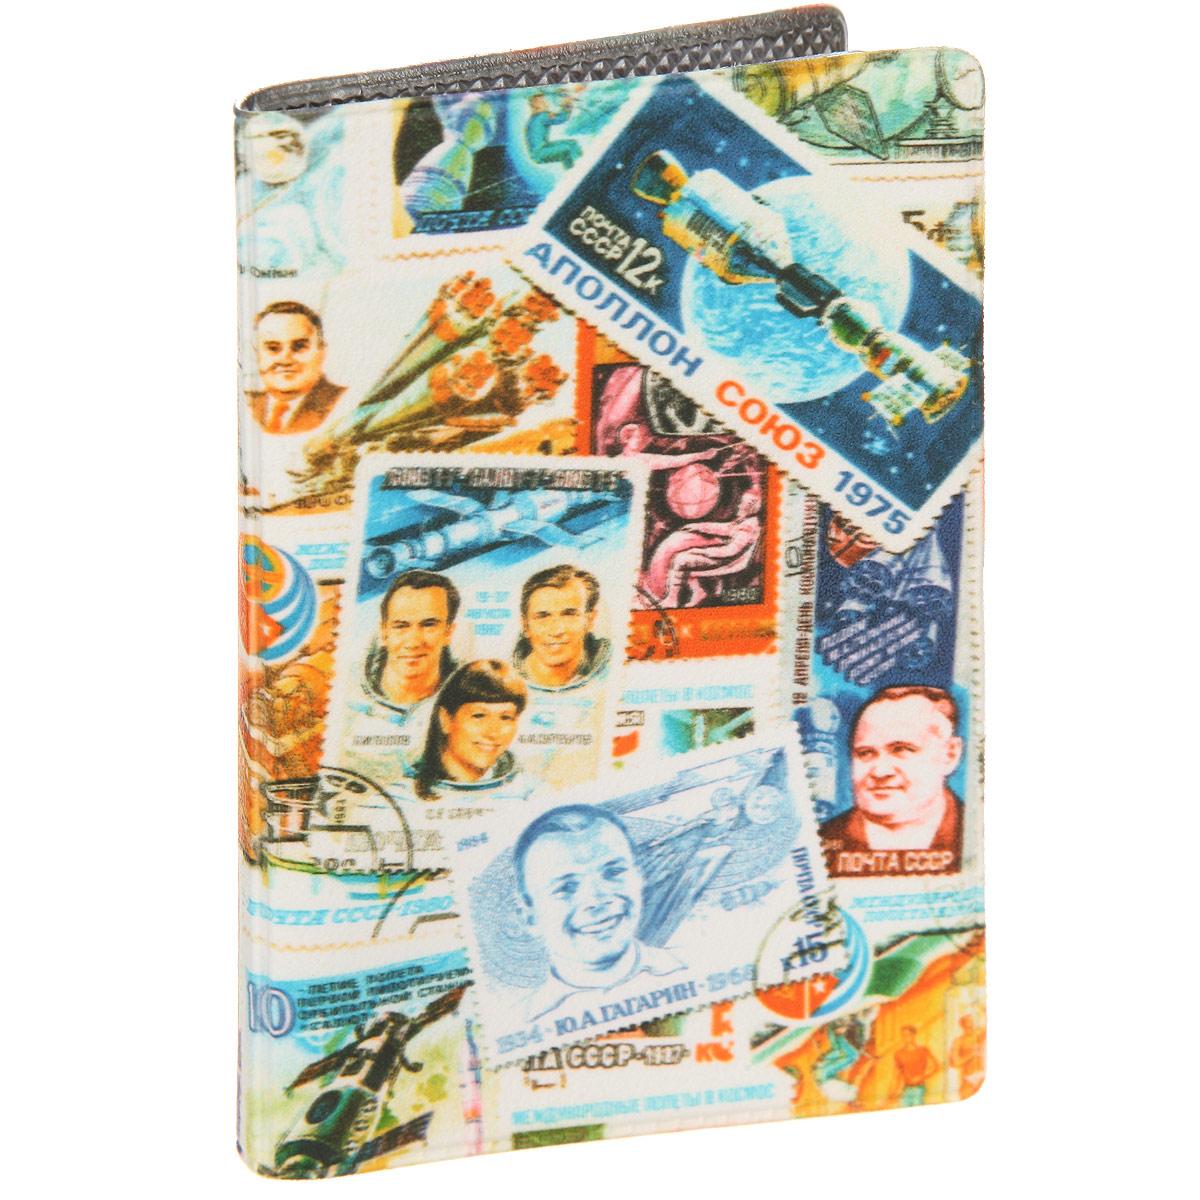 Визитница Космос (марки). VIZAM195VIZAM195Стильная визитница Mitya Veselkov Космос выполнена из поливинилхлорида. Изделие оформлено художественной печатью с изображением марок. Внутри размещены два пластиковых кармана и вкладыш на восемнадцать кармашков. Яркая визитница Mitya Veselkov Космос не только поможет сохранить внешний вид ваших визиток, а также станет стильным аксессуаром, идеально подходящим к вашему образу.